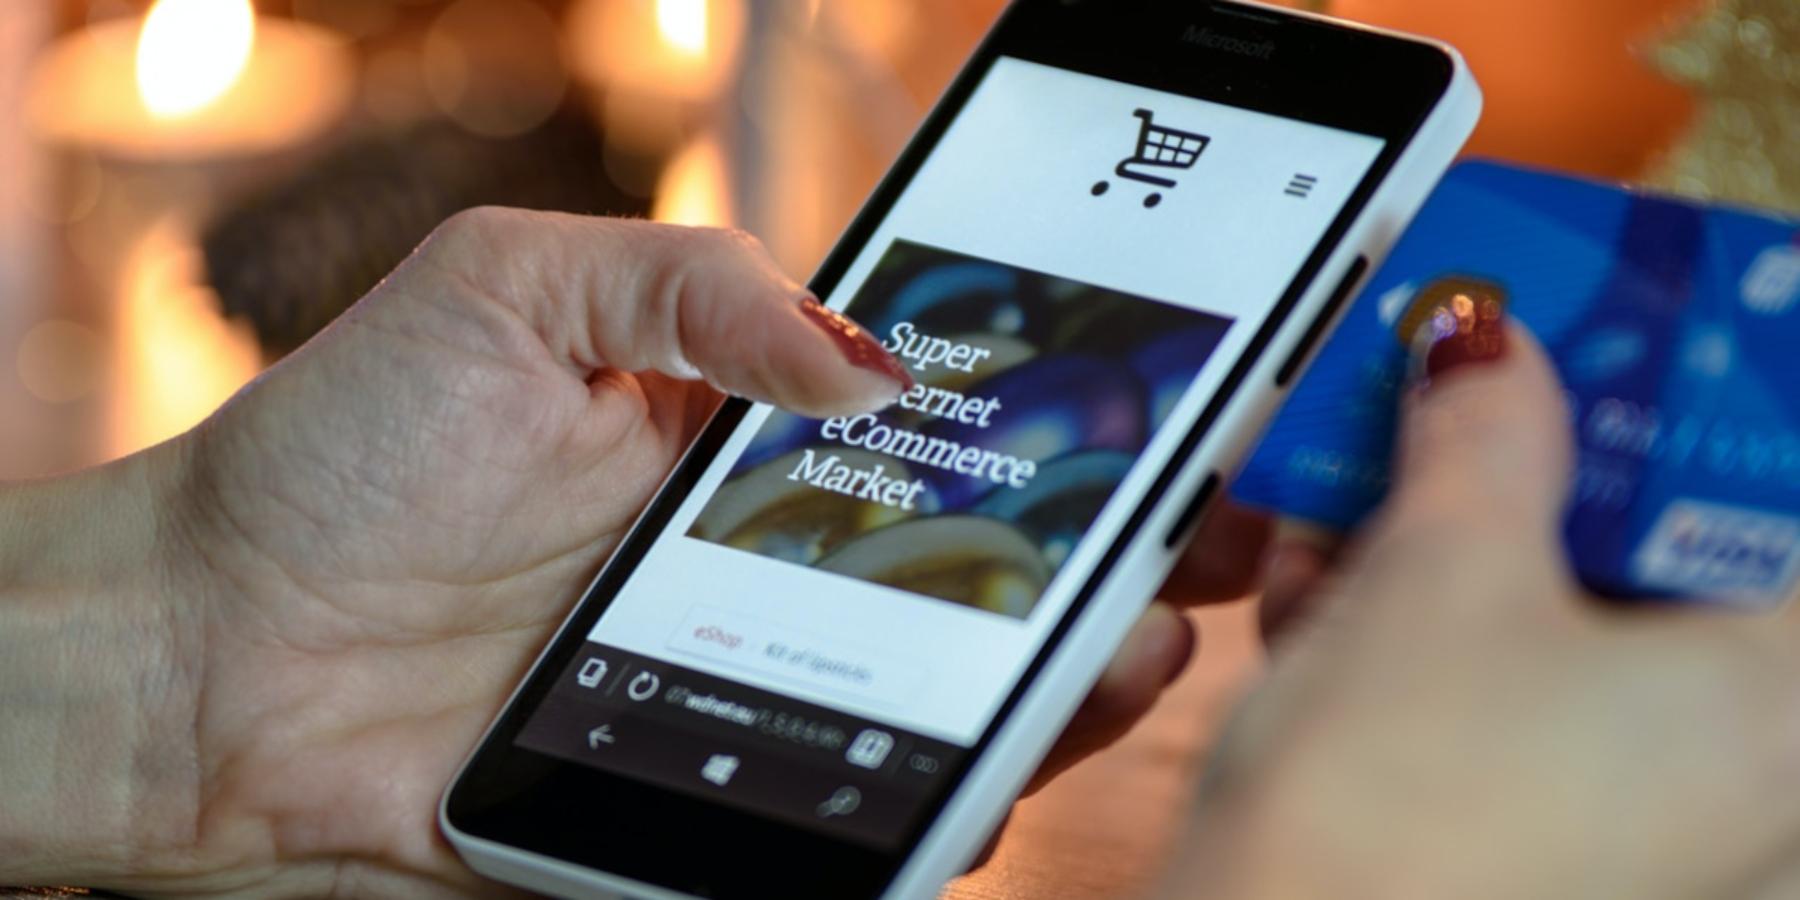 Kawa, suplementy, produkty kobiece. Dlaczego e-commerce pokochał model subskrypcyjny?